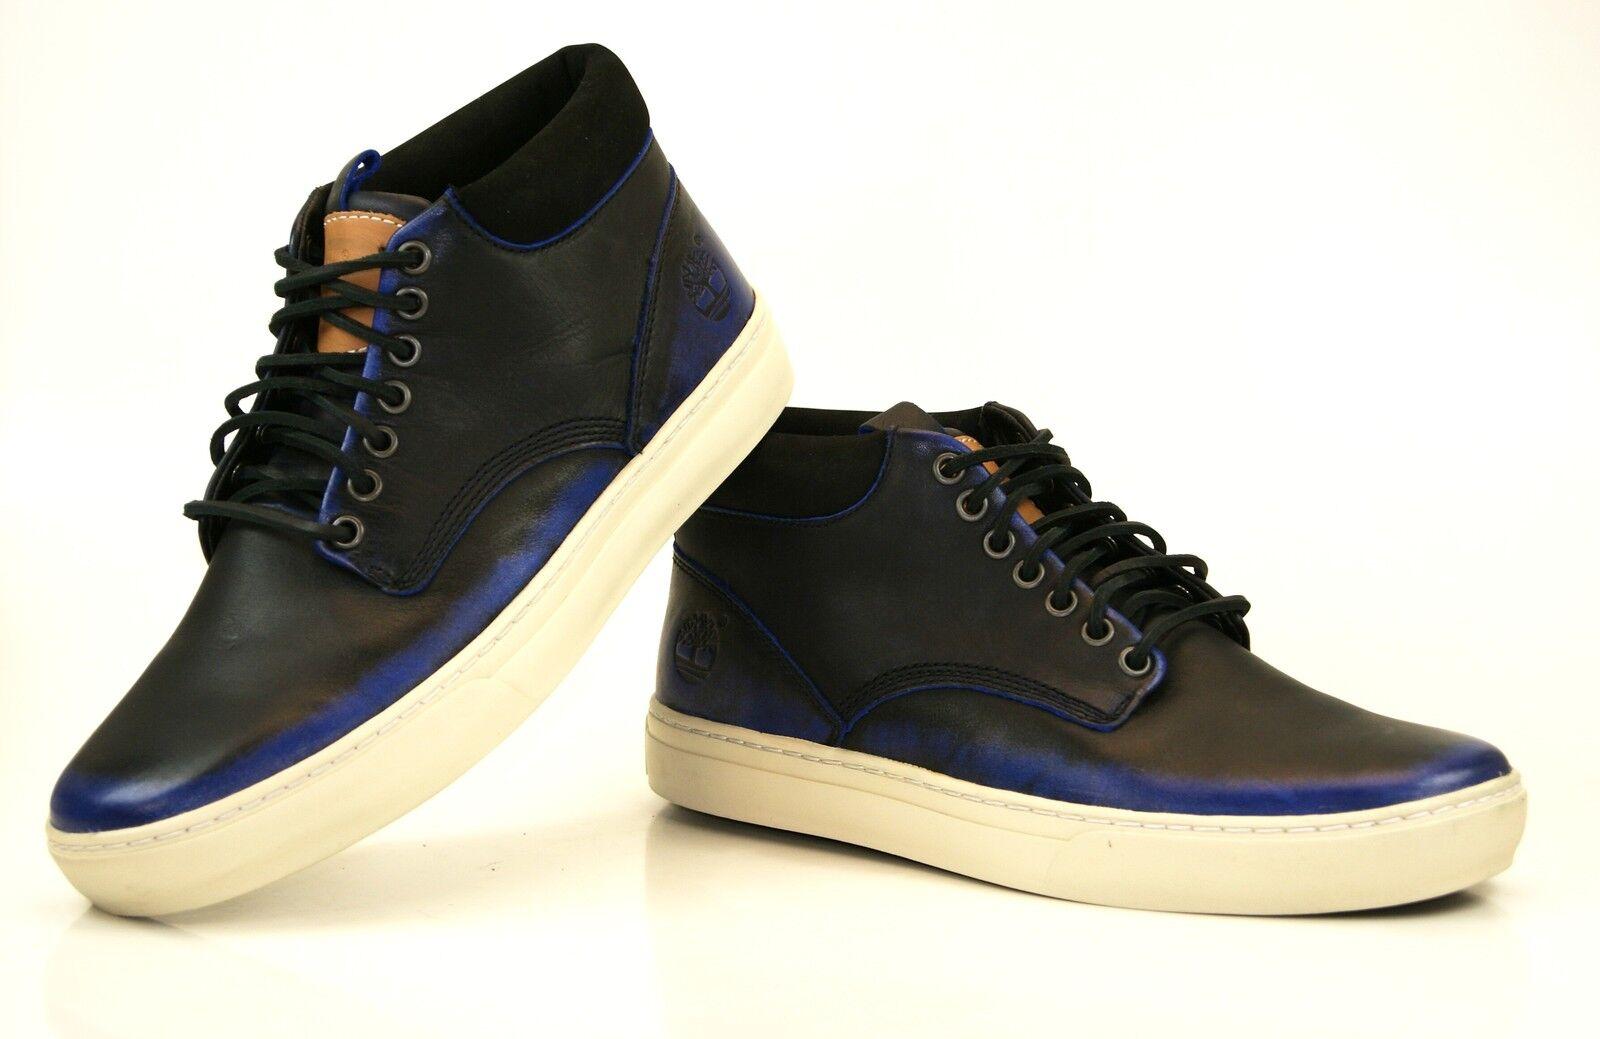 Timberland scarpe da da da ginnastica Avventura 2.0 Coppa Del Sola Chukka stivali Uomo | Nuovo design  81979d